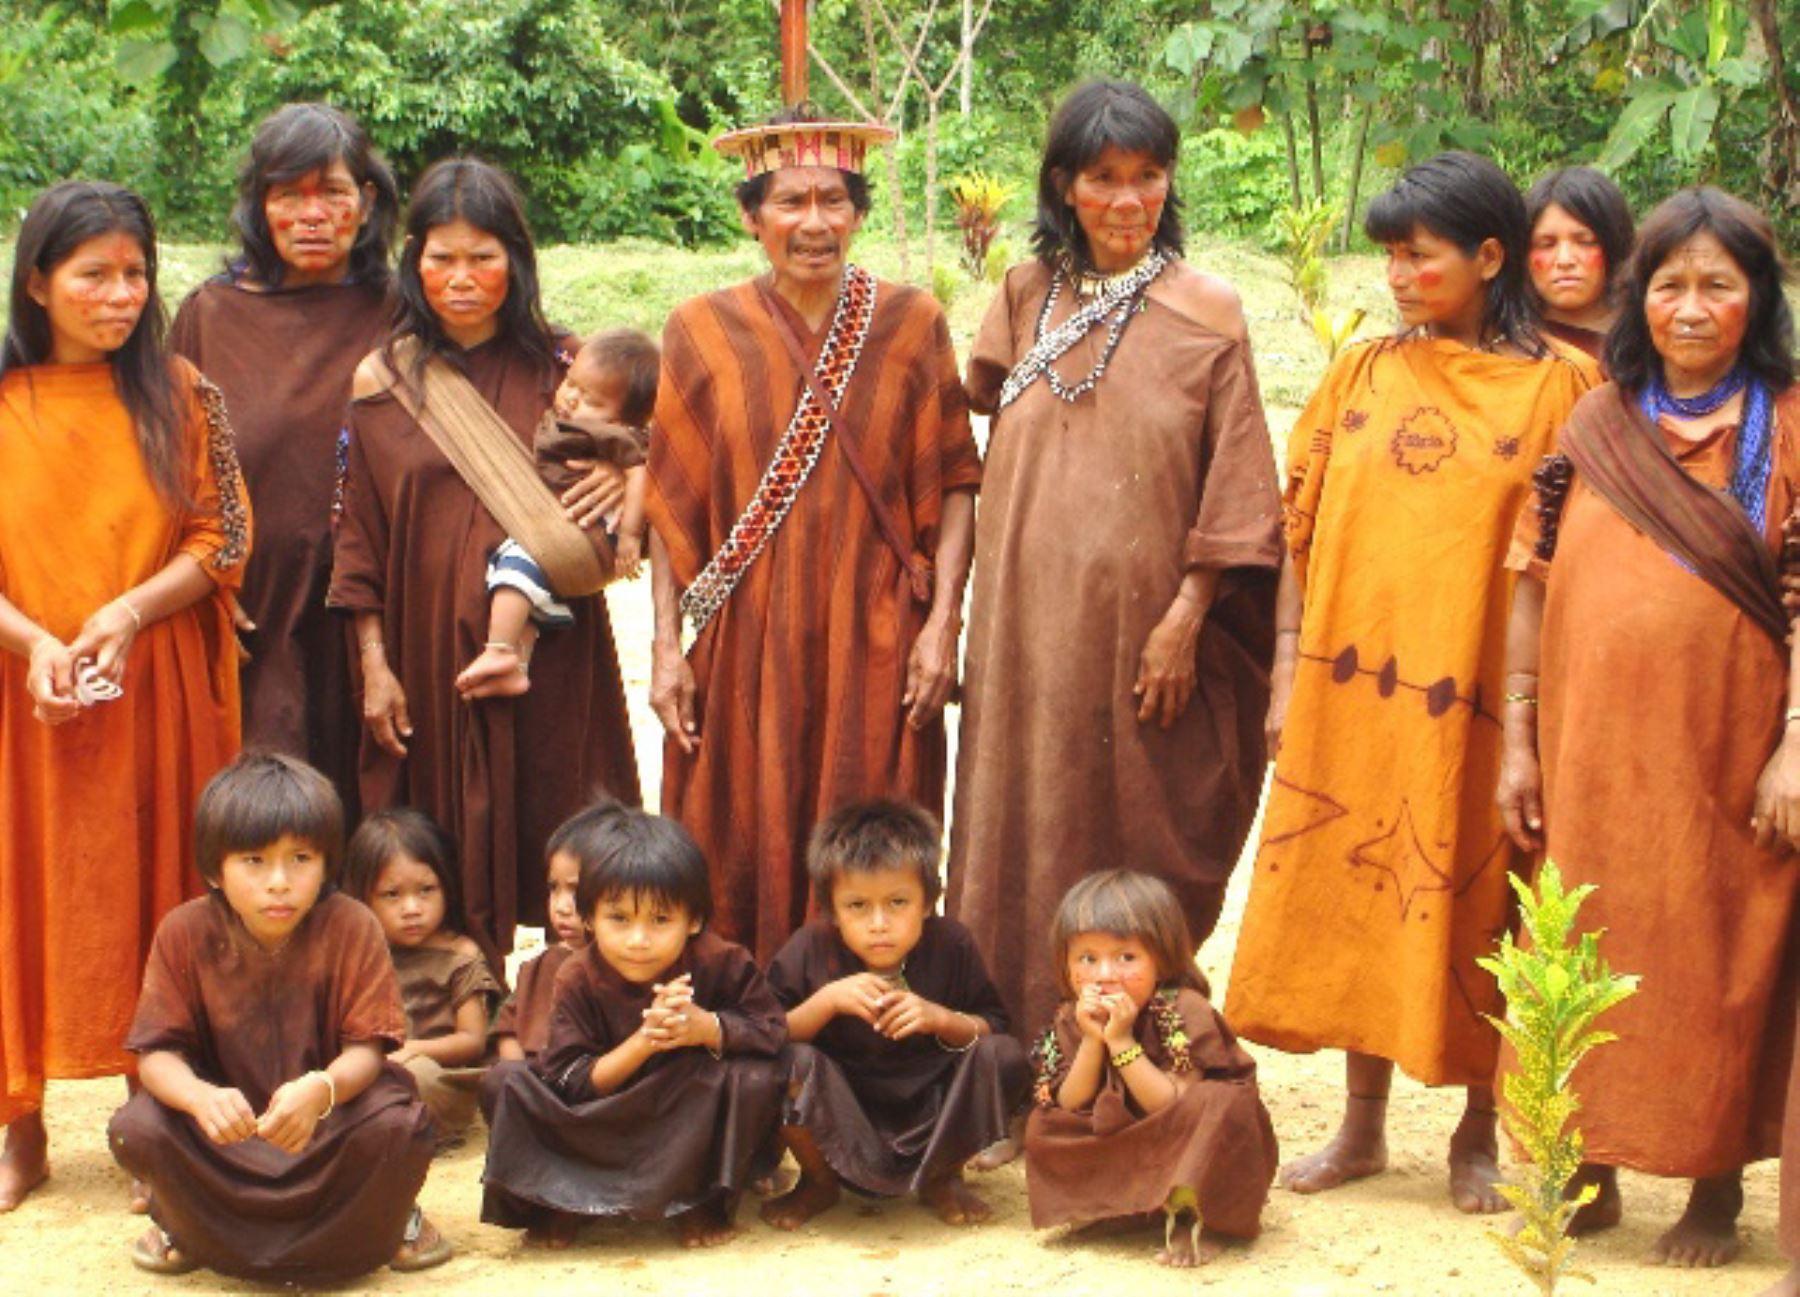 El pueblo matsigenka vive principalmente en los departamentos de Cusco y Madre de Dios.